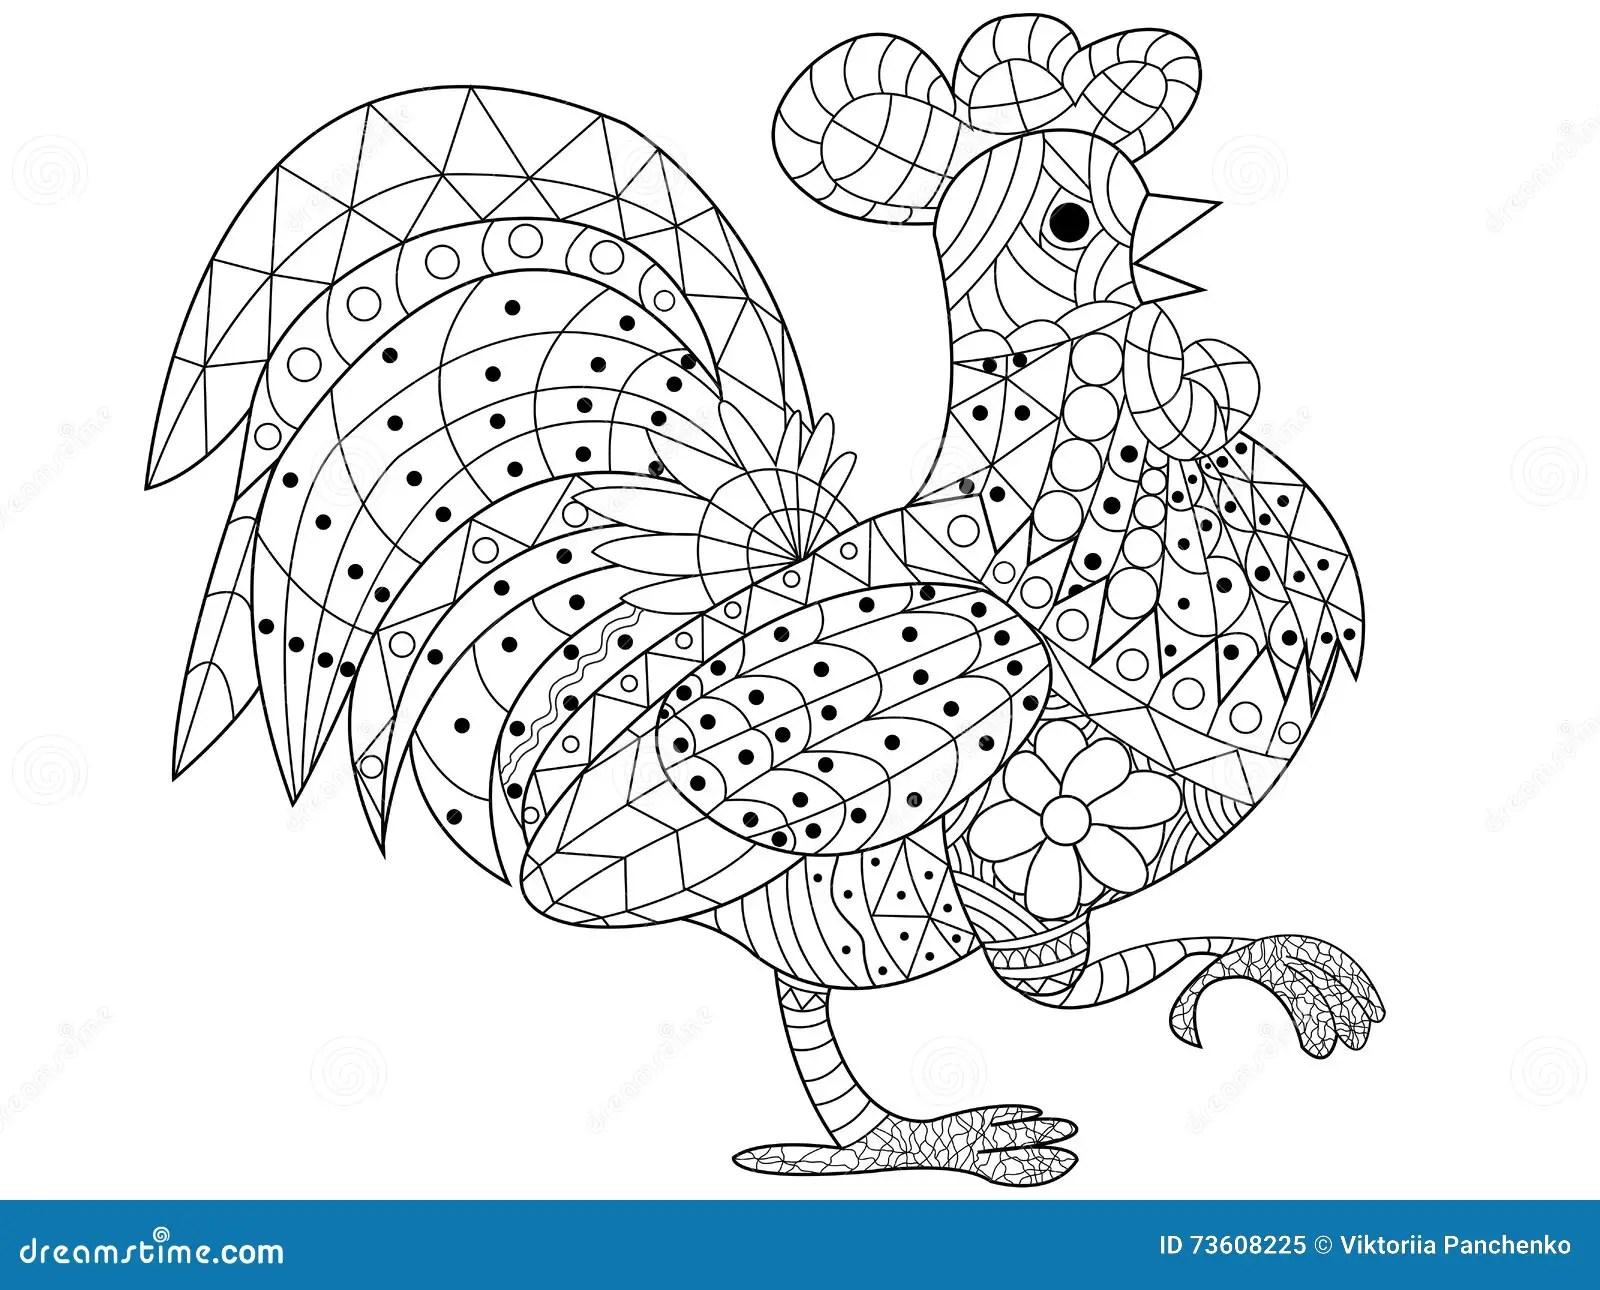 Vecteur De Livre De Coloriage De Coq Pour Des Adultes Illustration De Vecteur